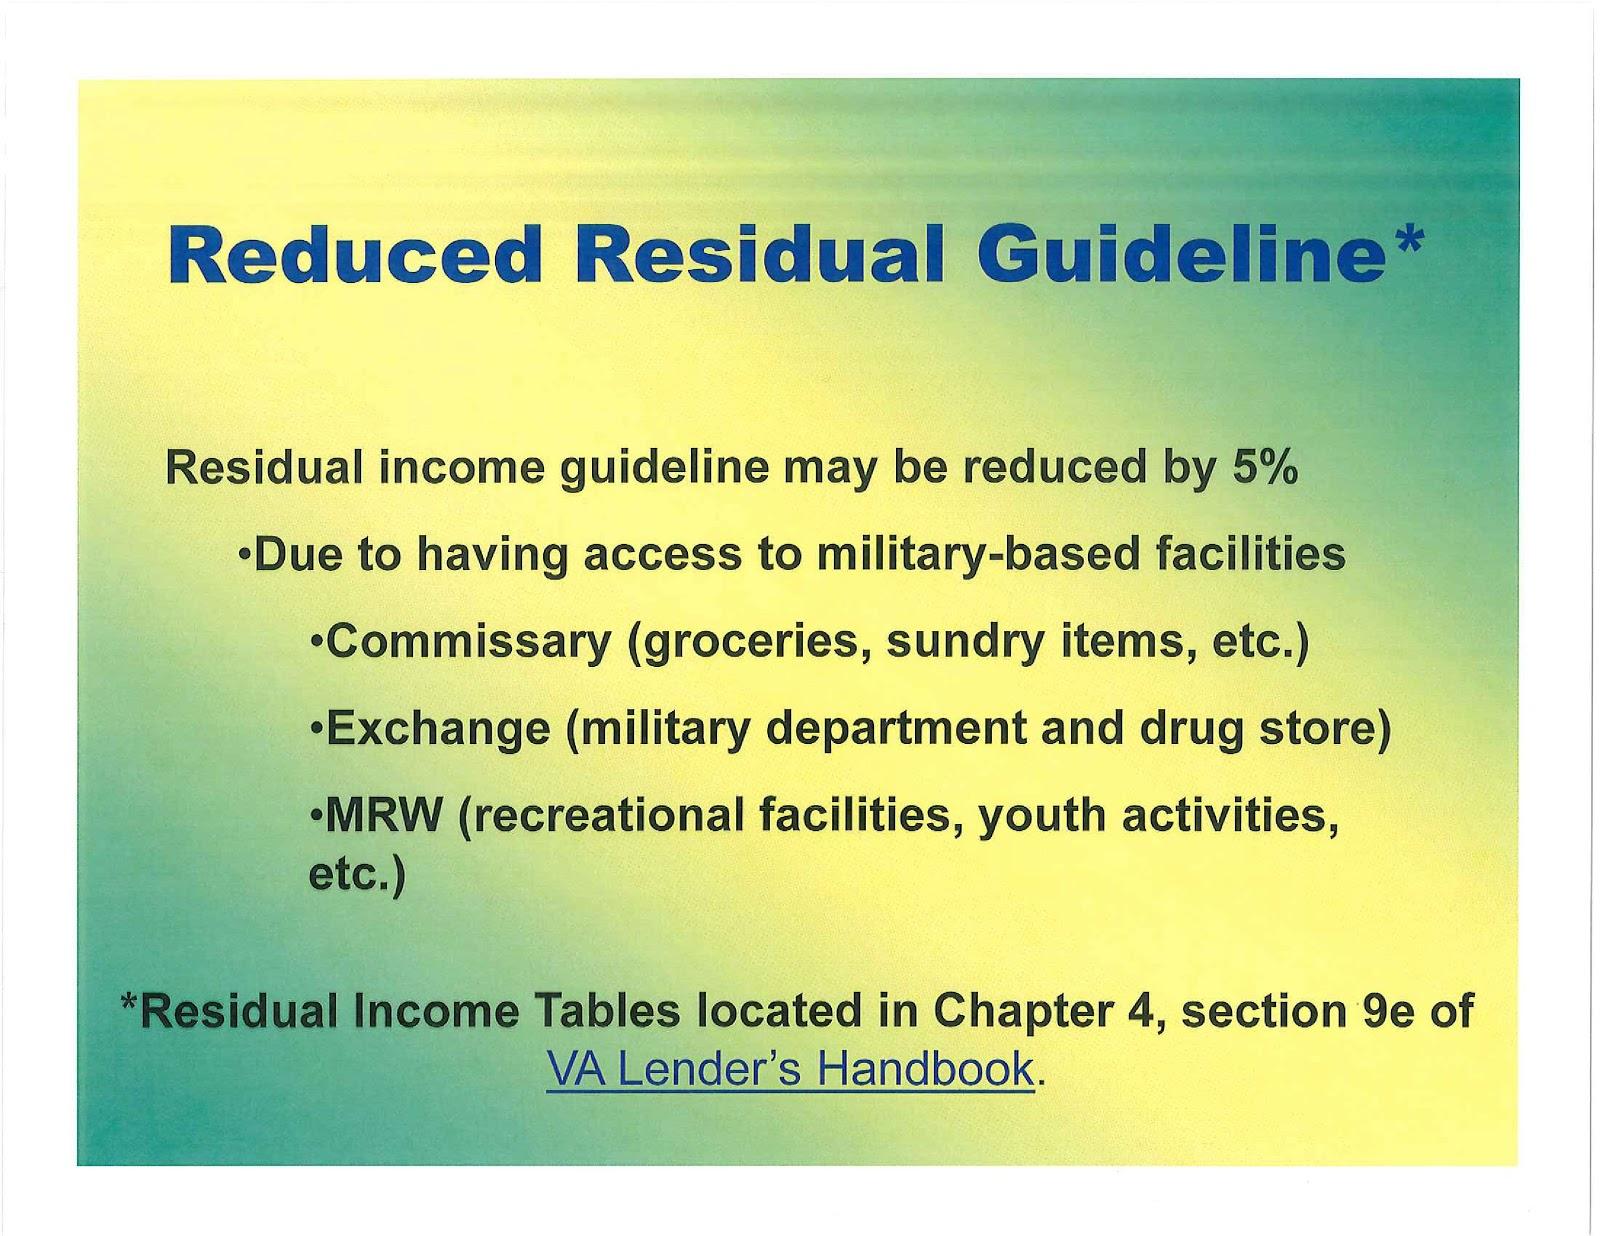 Va Residual Income Table